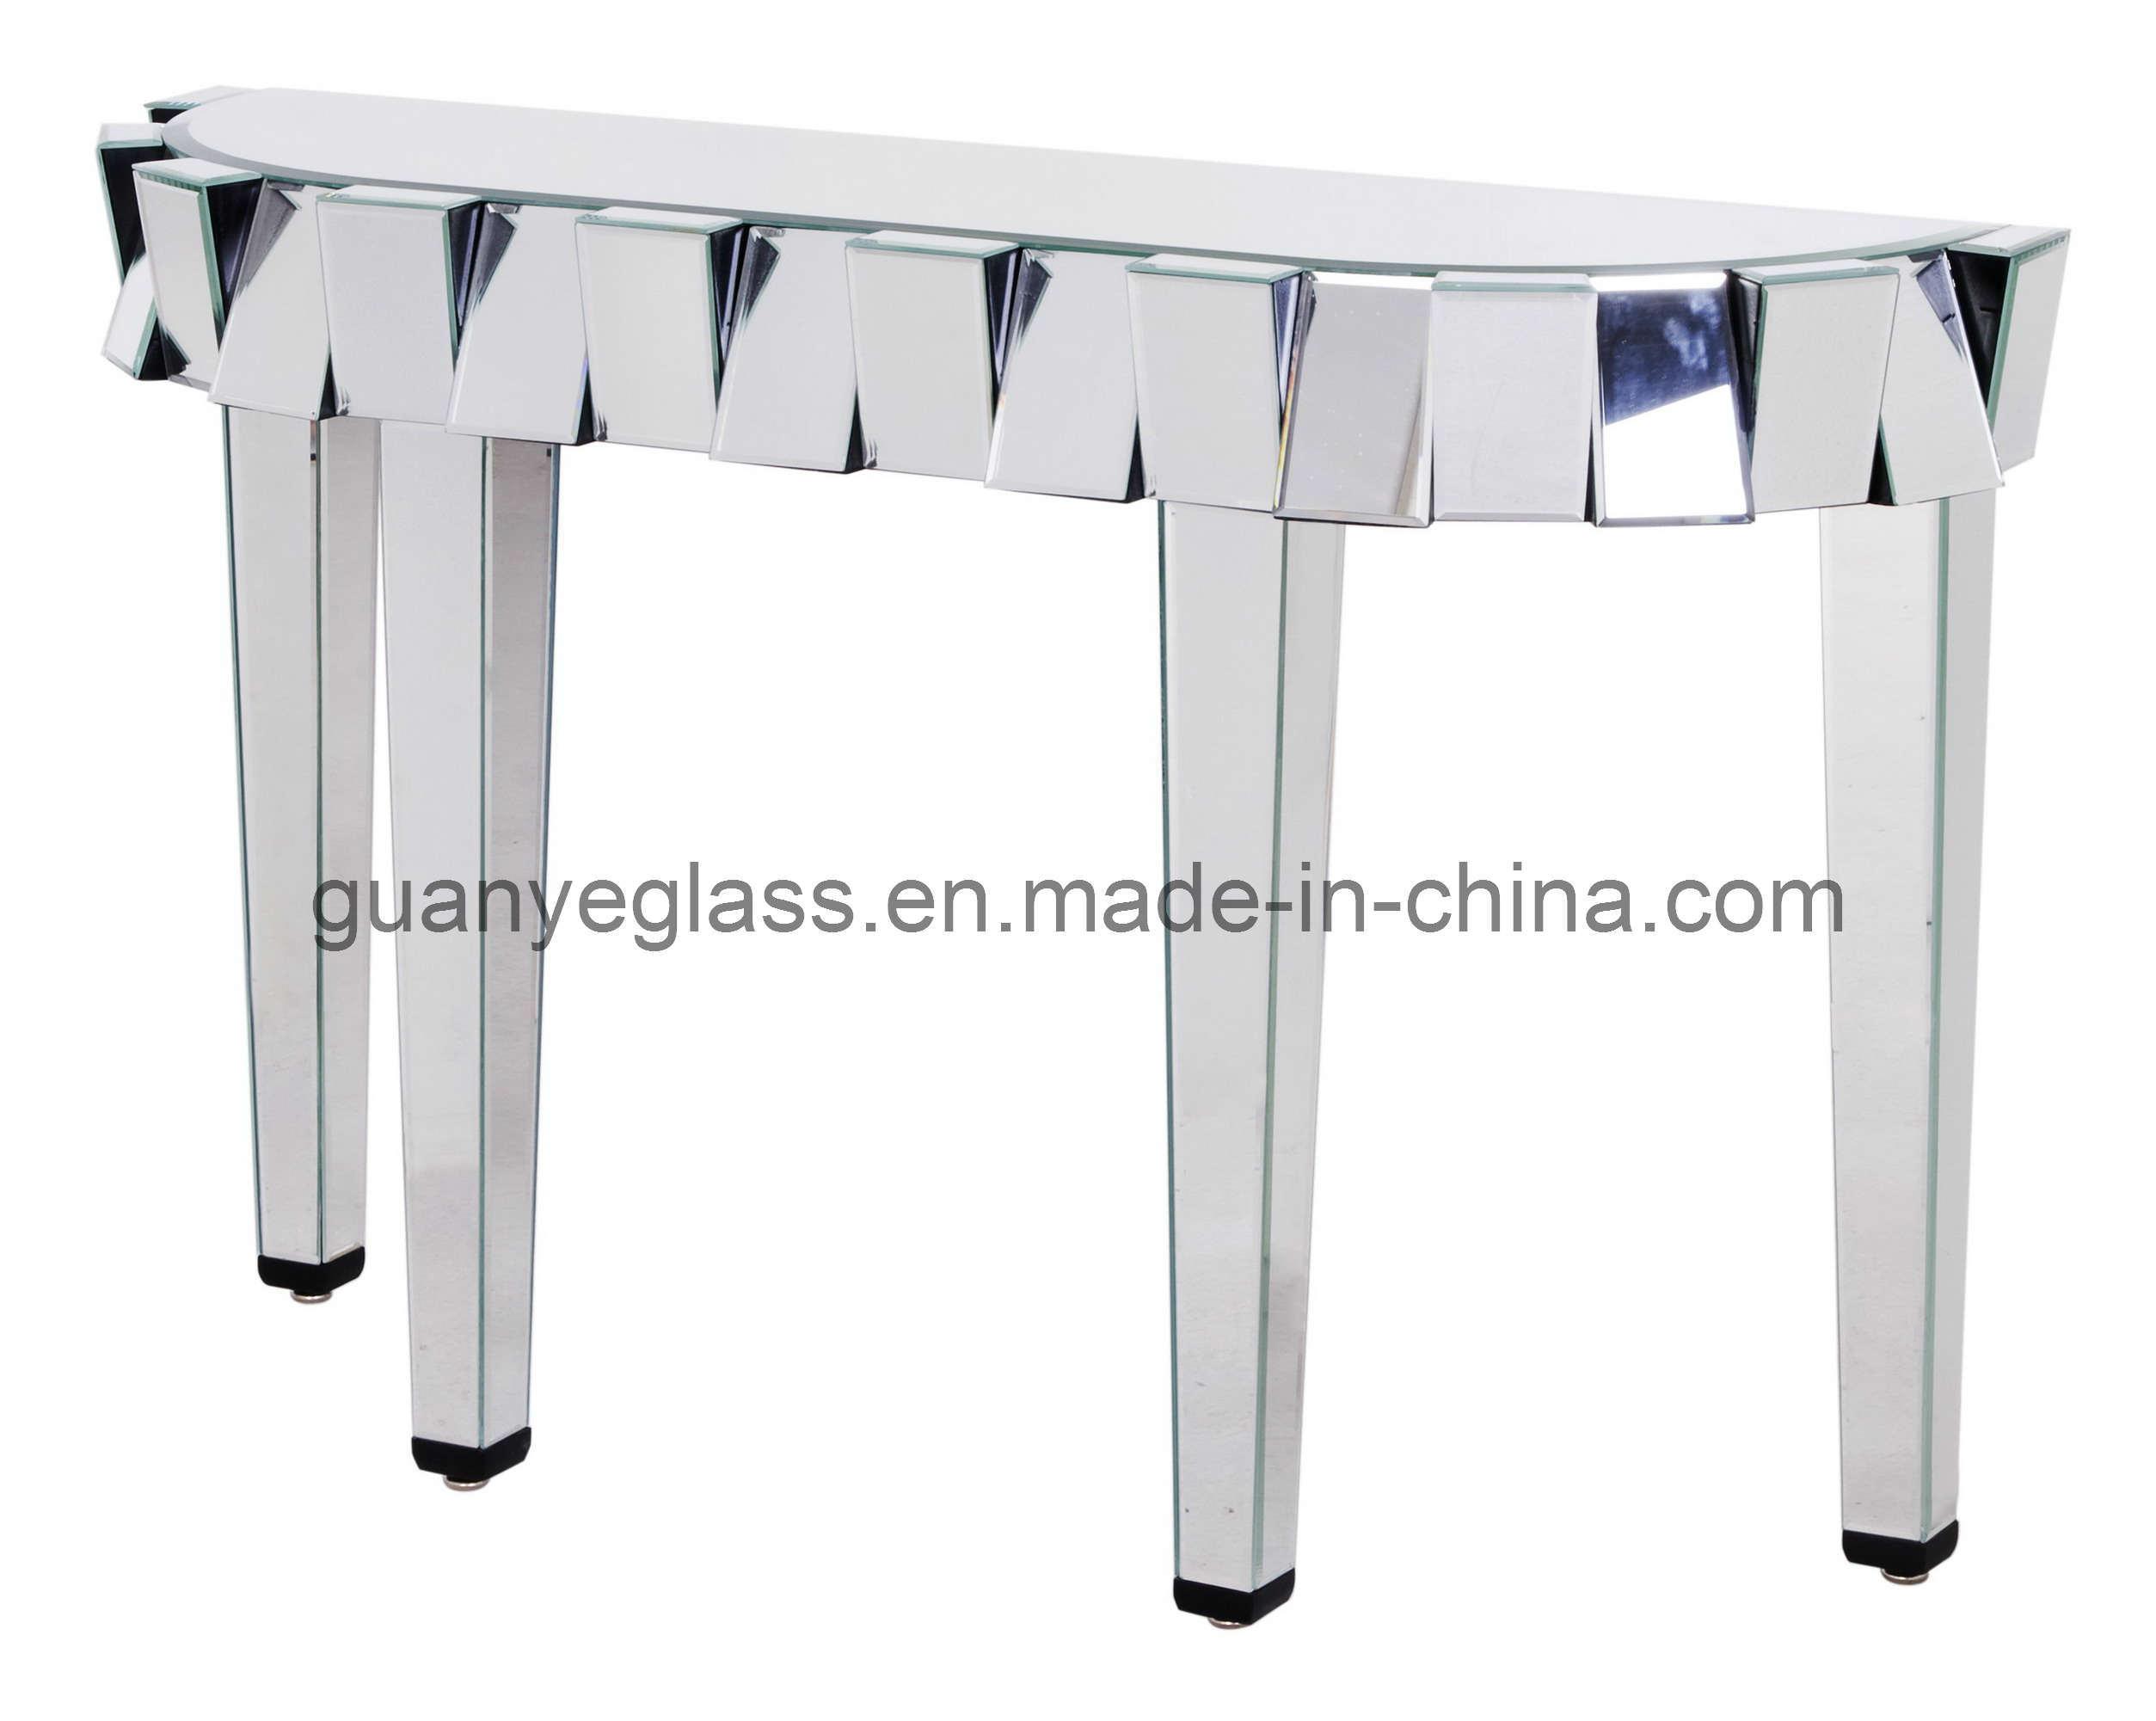 tableau de console argent de miroir xjs052a tableau de console argent de miroir xjs052a. Black Bedroom Furniture Sets. Home Design Ideas